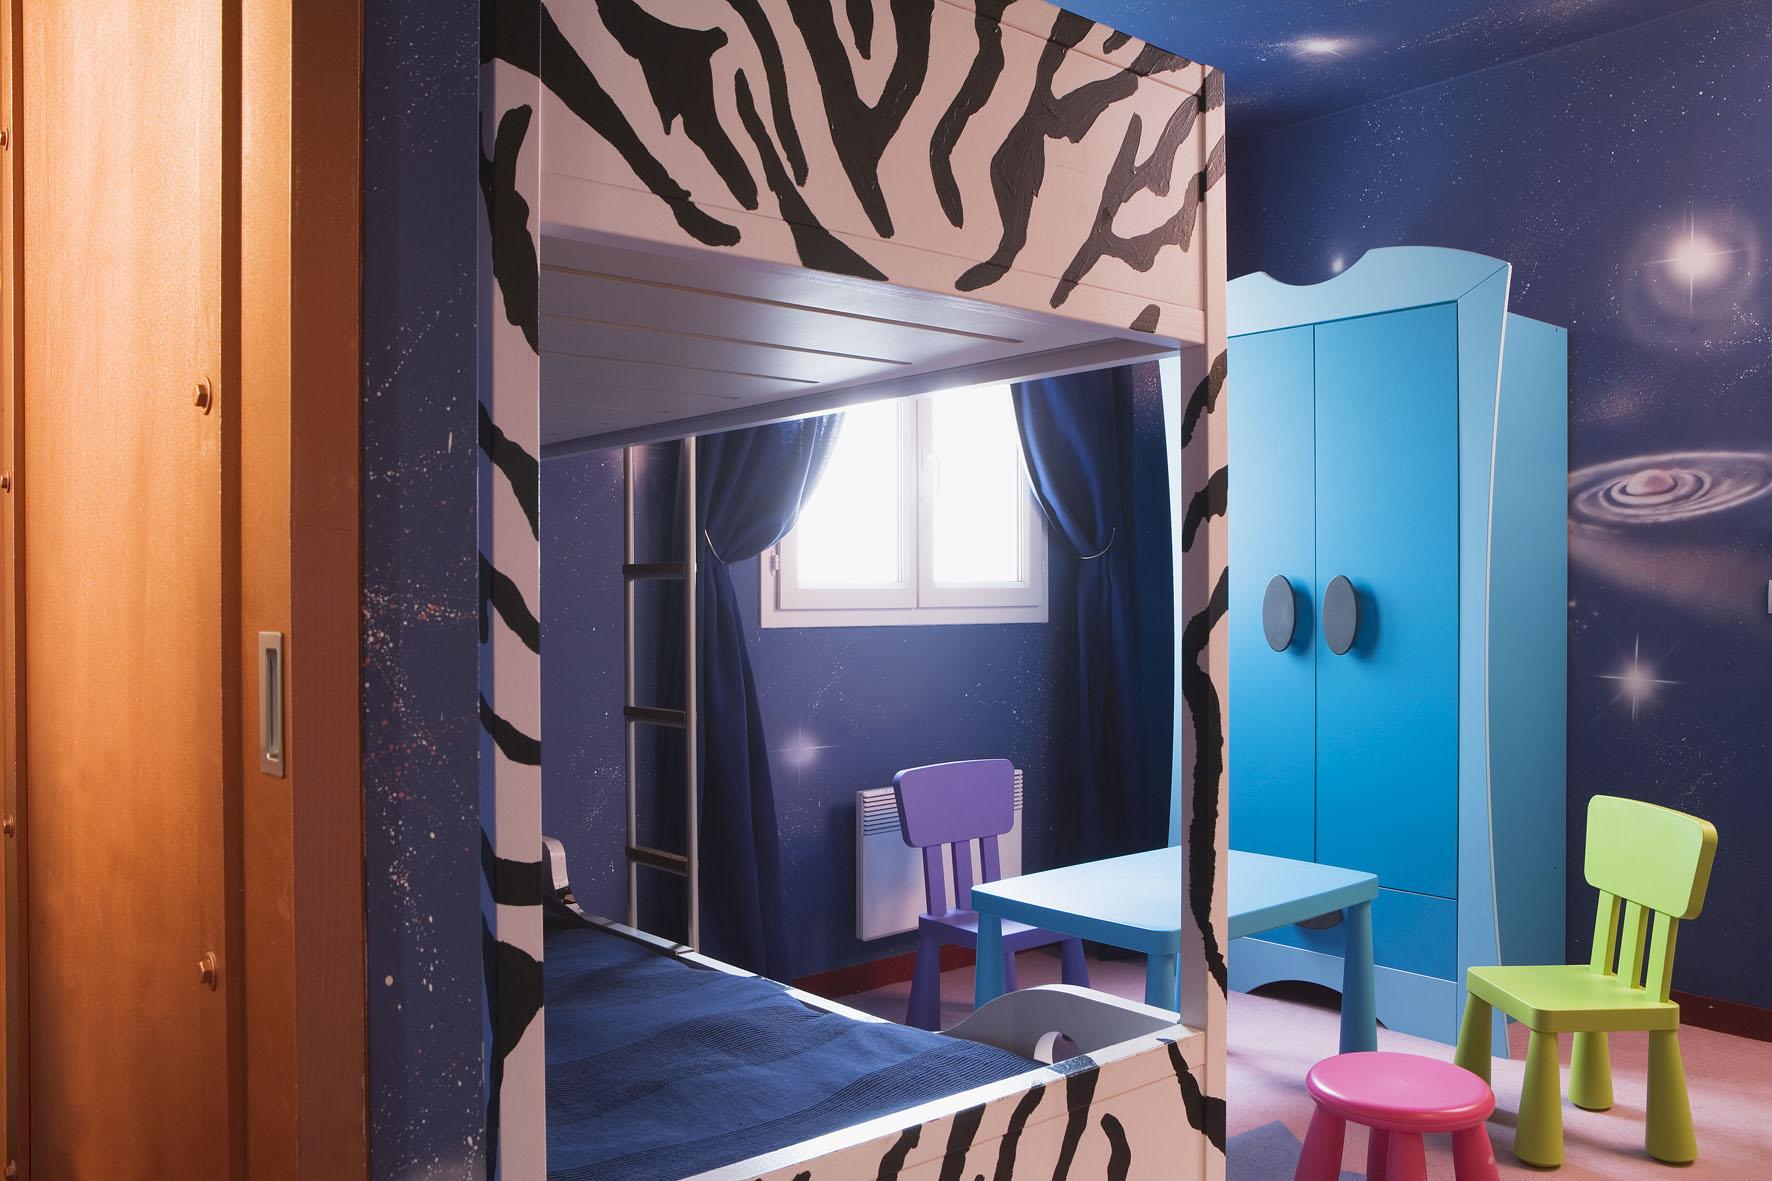 chambre hotel pas cher paris best chambre hotel pas cher paris with chambre hotel pas cher. Black Bedroom Furniture Sets. Home Design Ideas